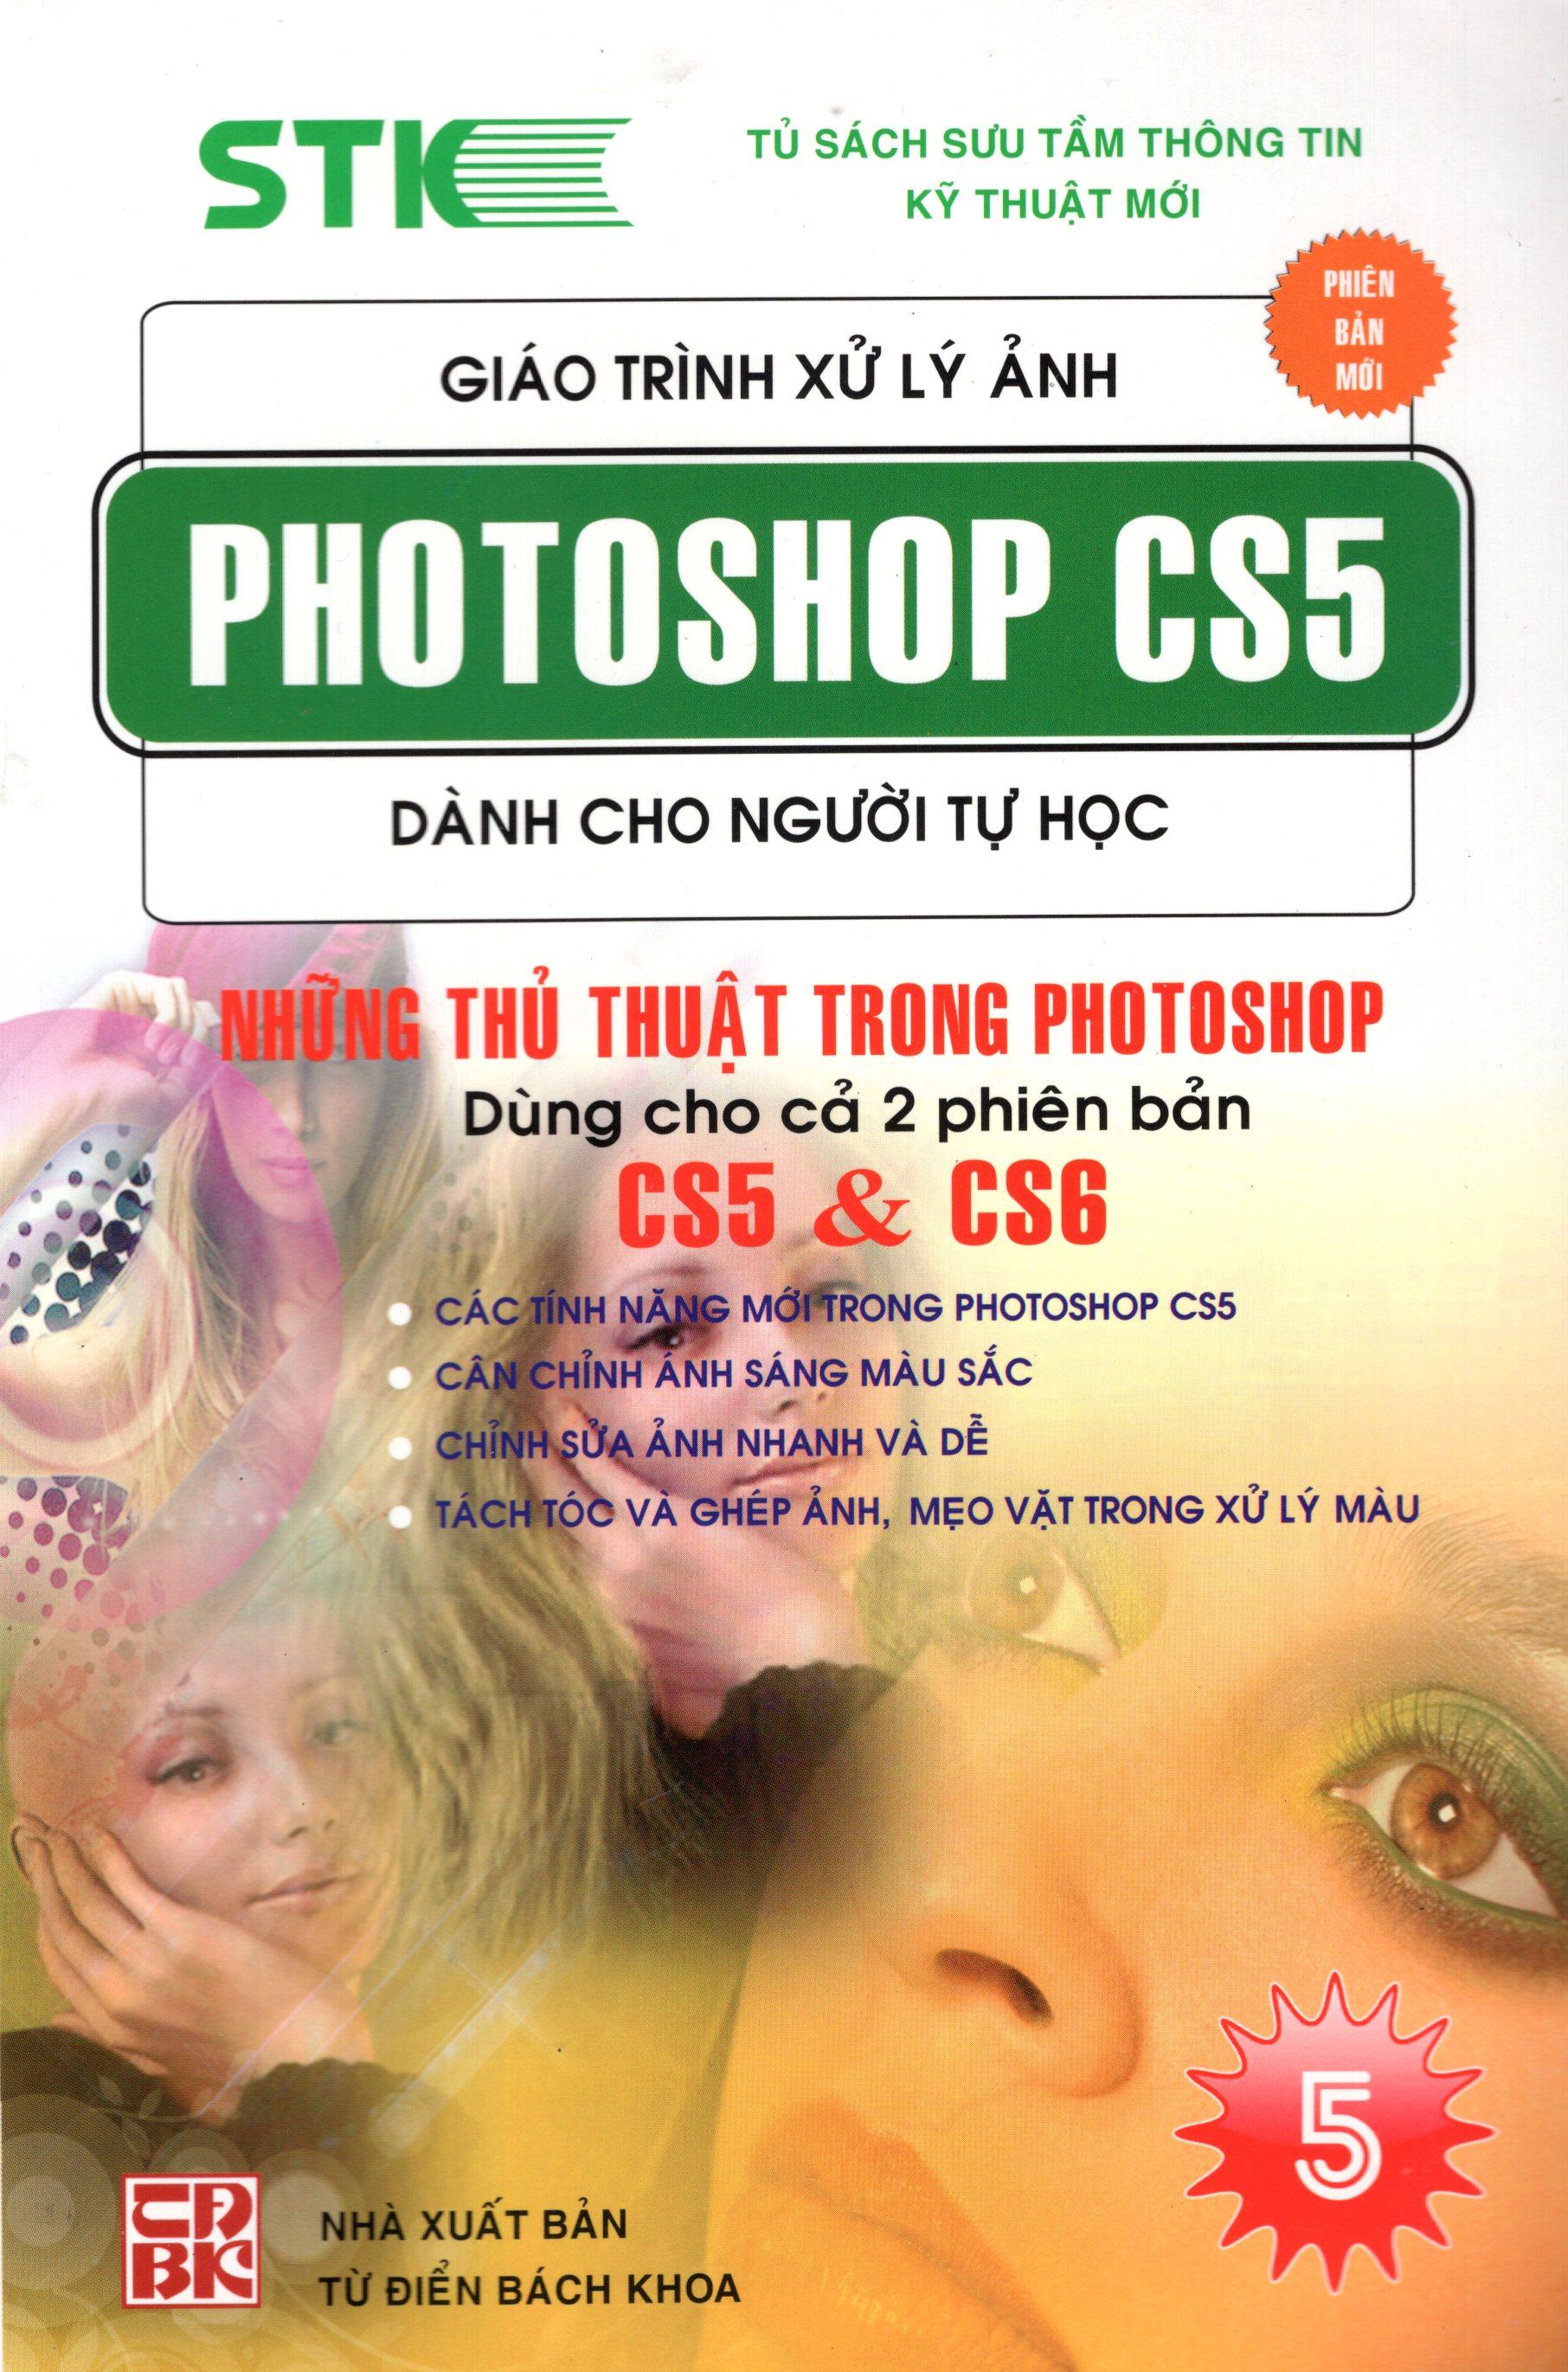 Giáo Trình Xử Lý Ảnh Photoshop CS5 Dành Cho Người Tự Học (Tập 5) - Những Thủ Thuật Dùng Trong Photoshop Dùng Cho 2 Phiên Bản CS5 & CS6